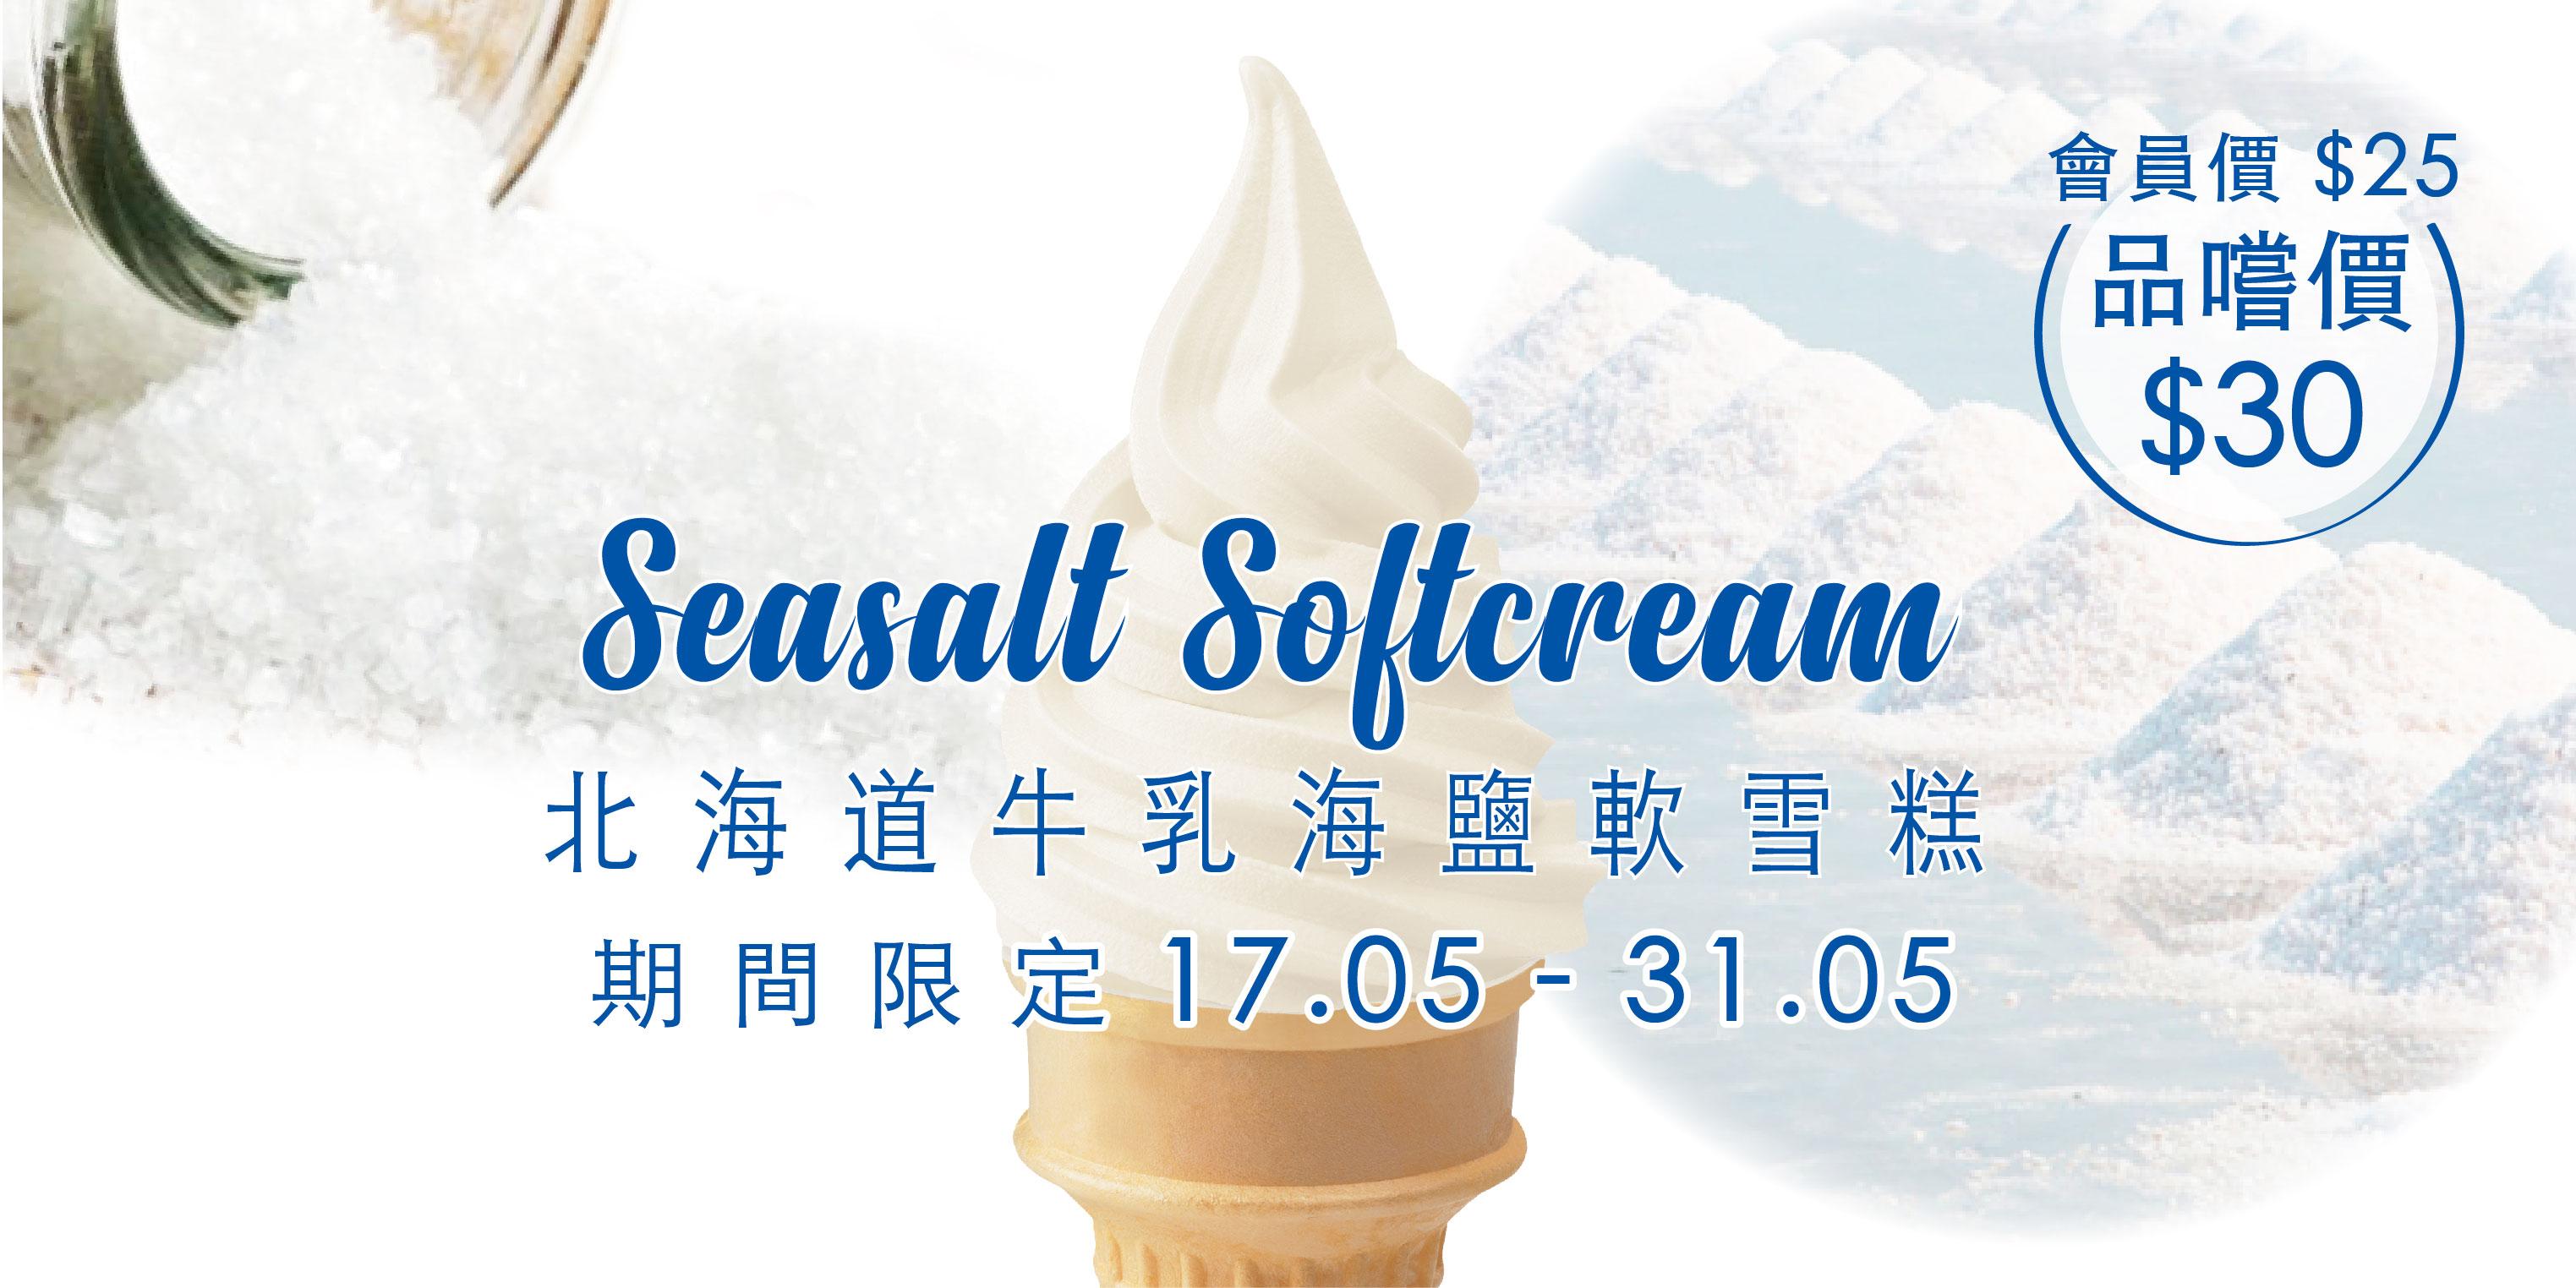 【期間限定 – 海鹽軟雪糕】